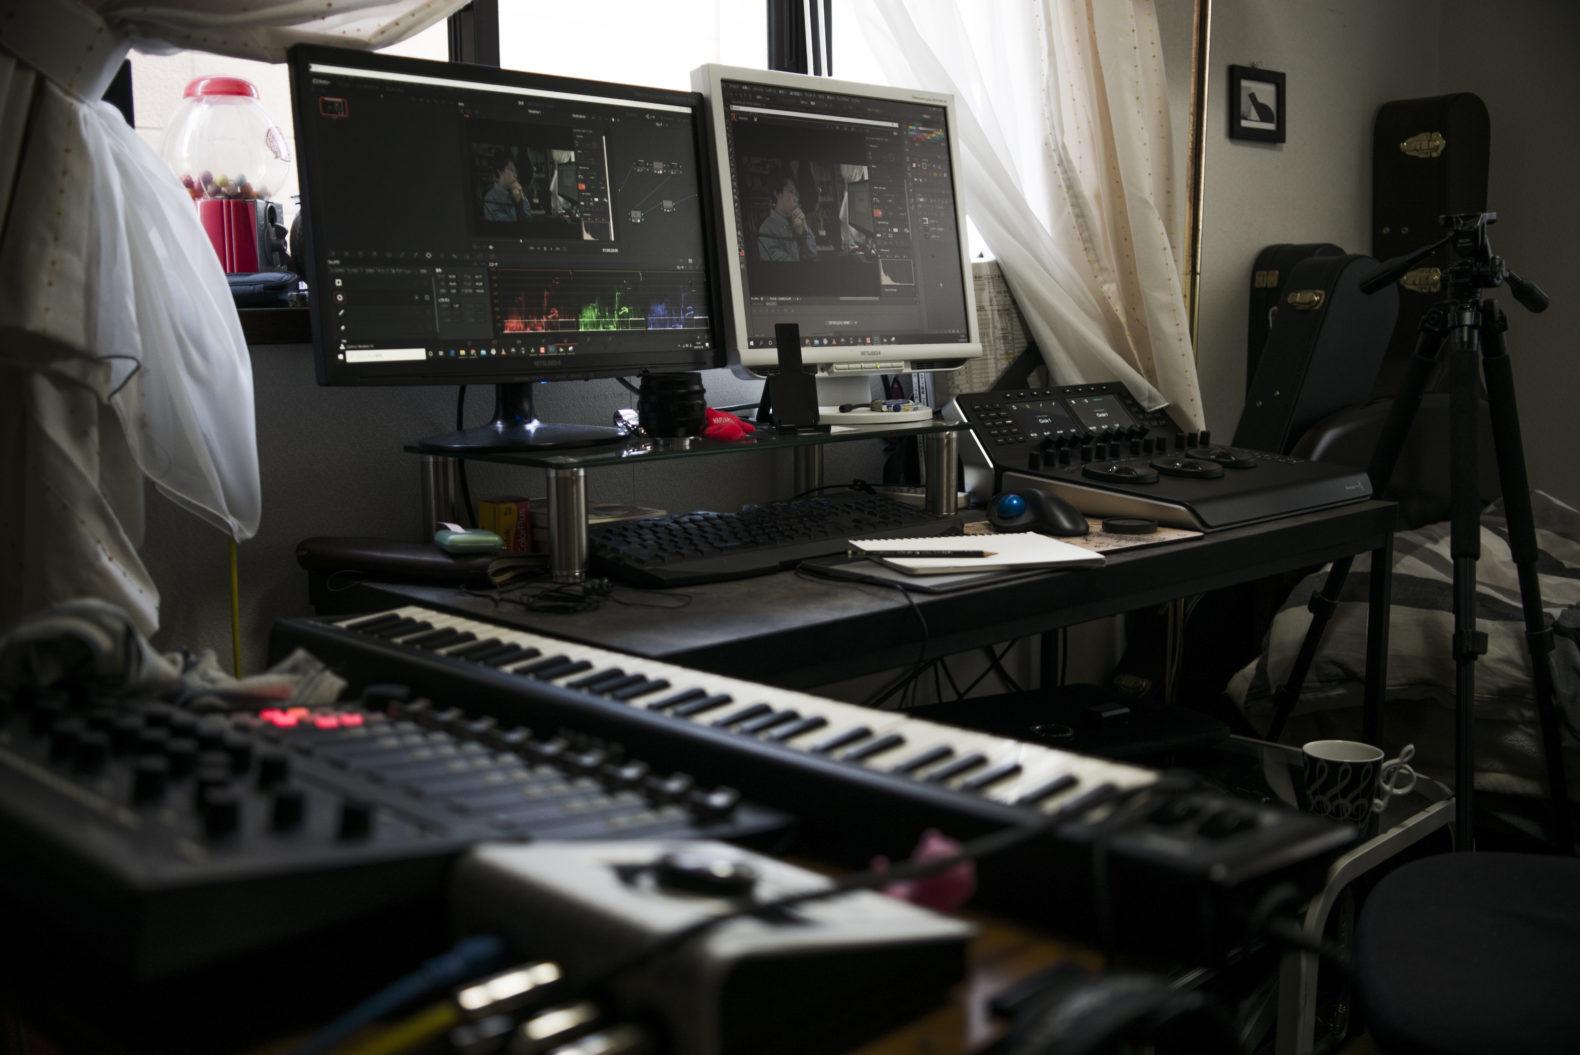 映像 & 音楽制作のオンライン講習を開講!